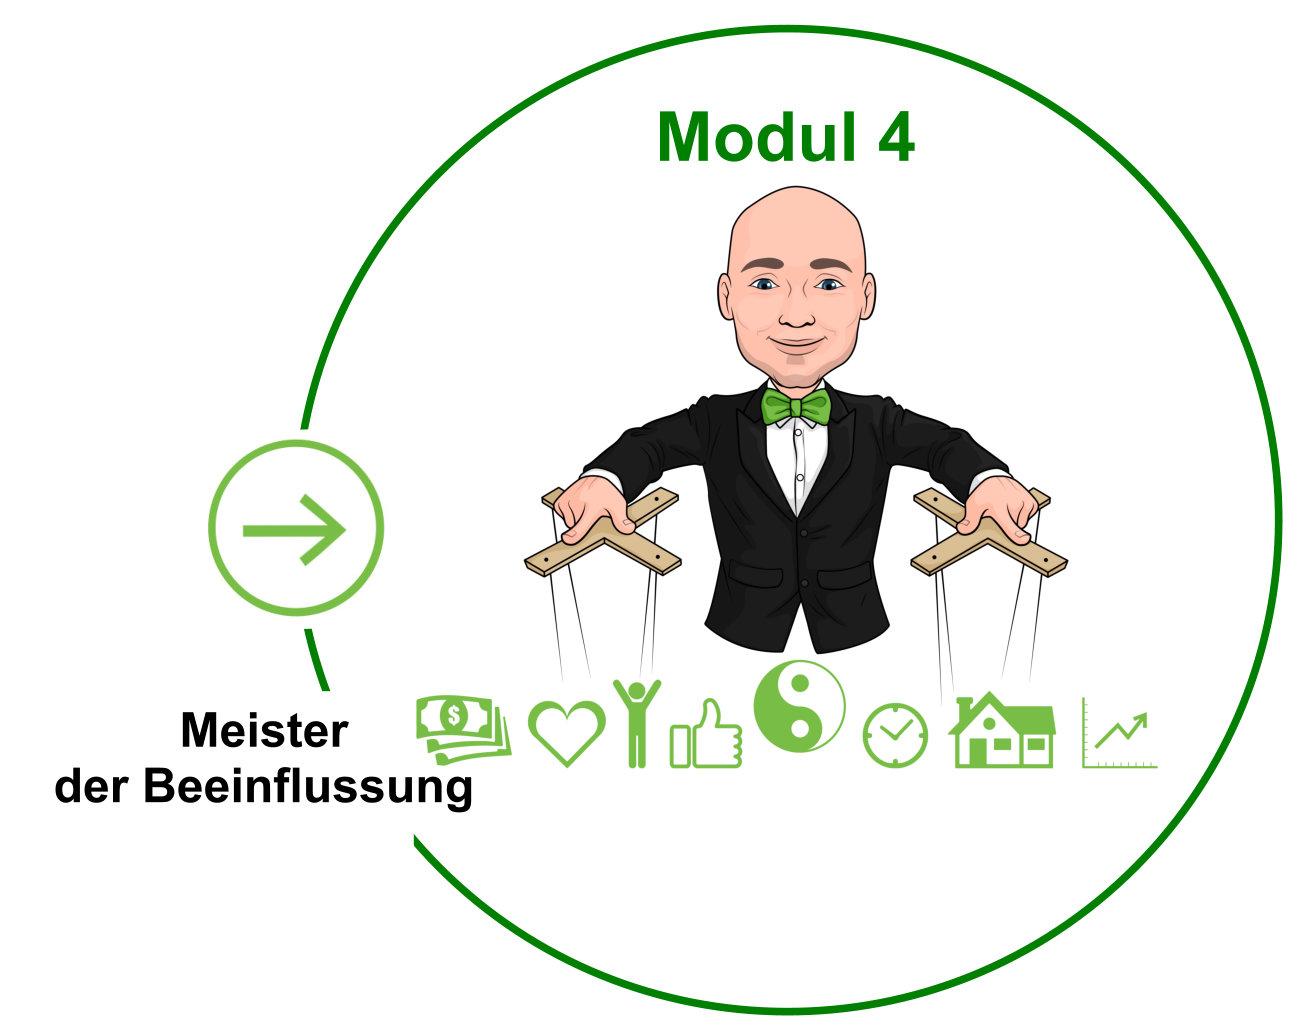 Modul 4 - Meister der Beeinflussung